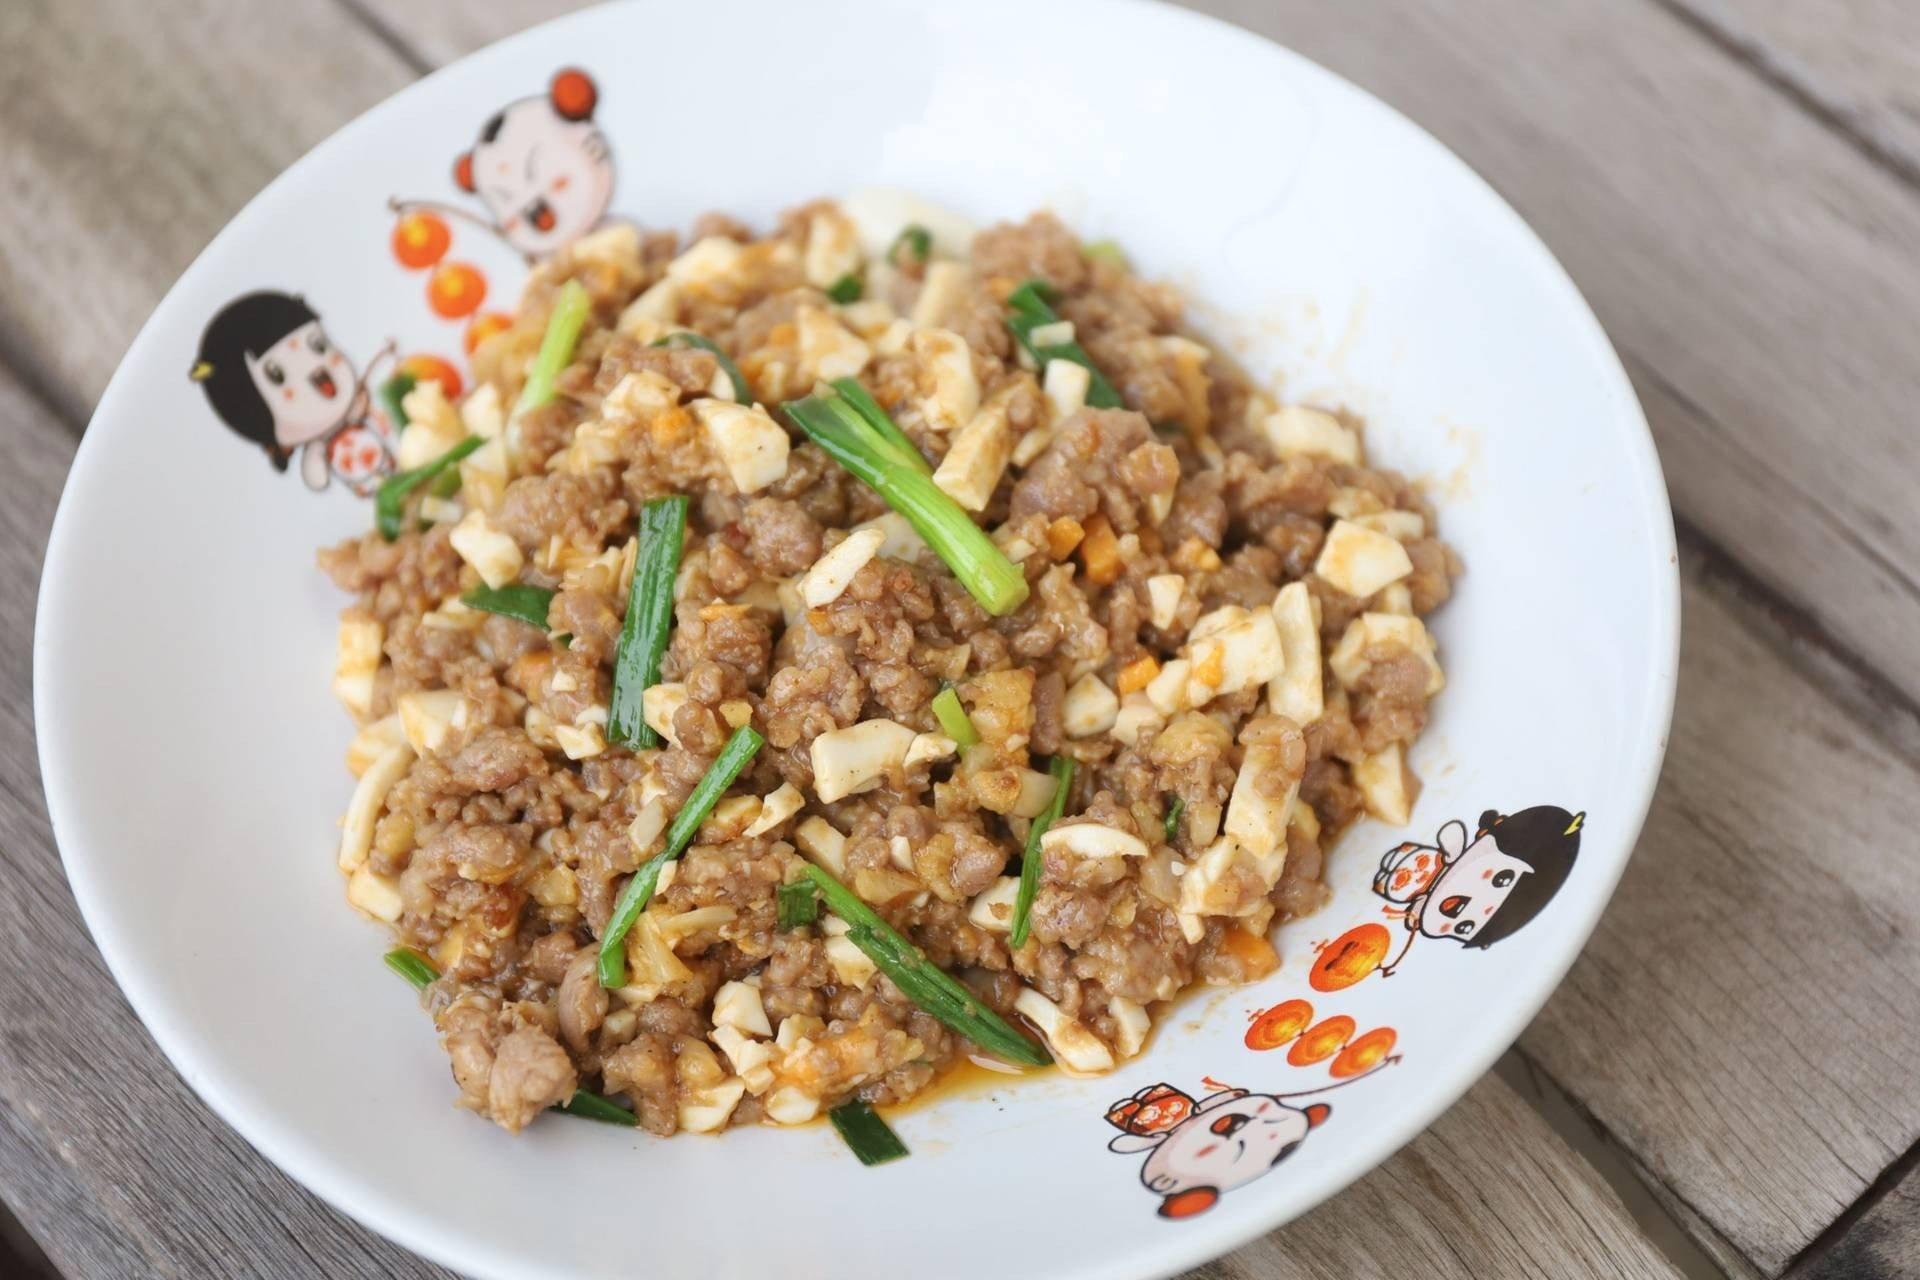 สูตร ไข่เค็มหมูสับ หมูสับผัดไข่เค็ม พร้อมวิธีทำโดย มู๋ ครับ - Wongnai  Cooking